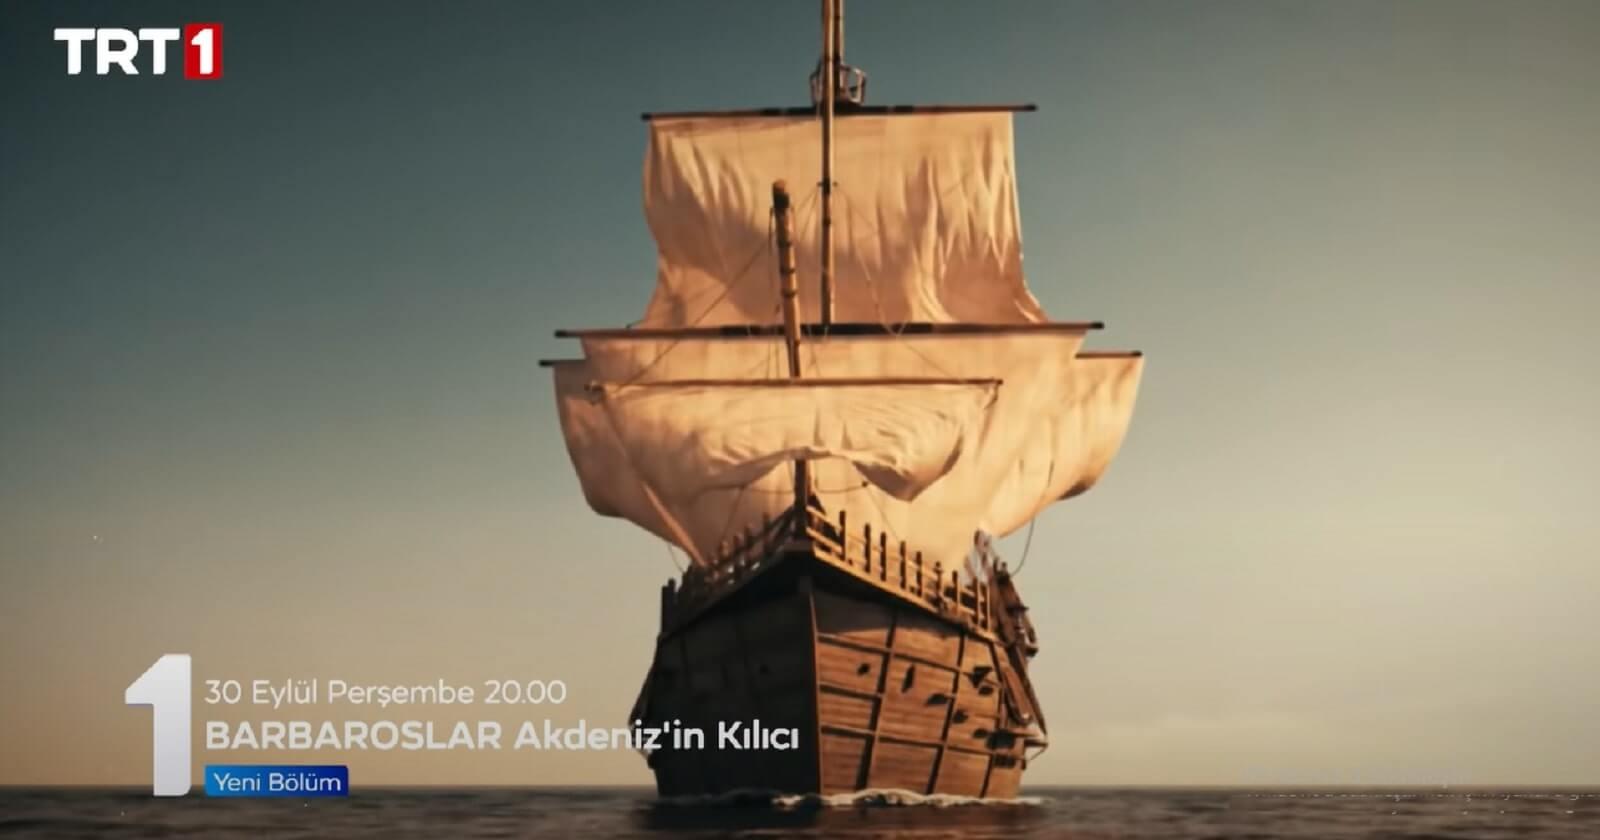 Barbaroslar Akdeniz'in Kılıcı yeni bölüm ön izleme (1)